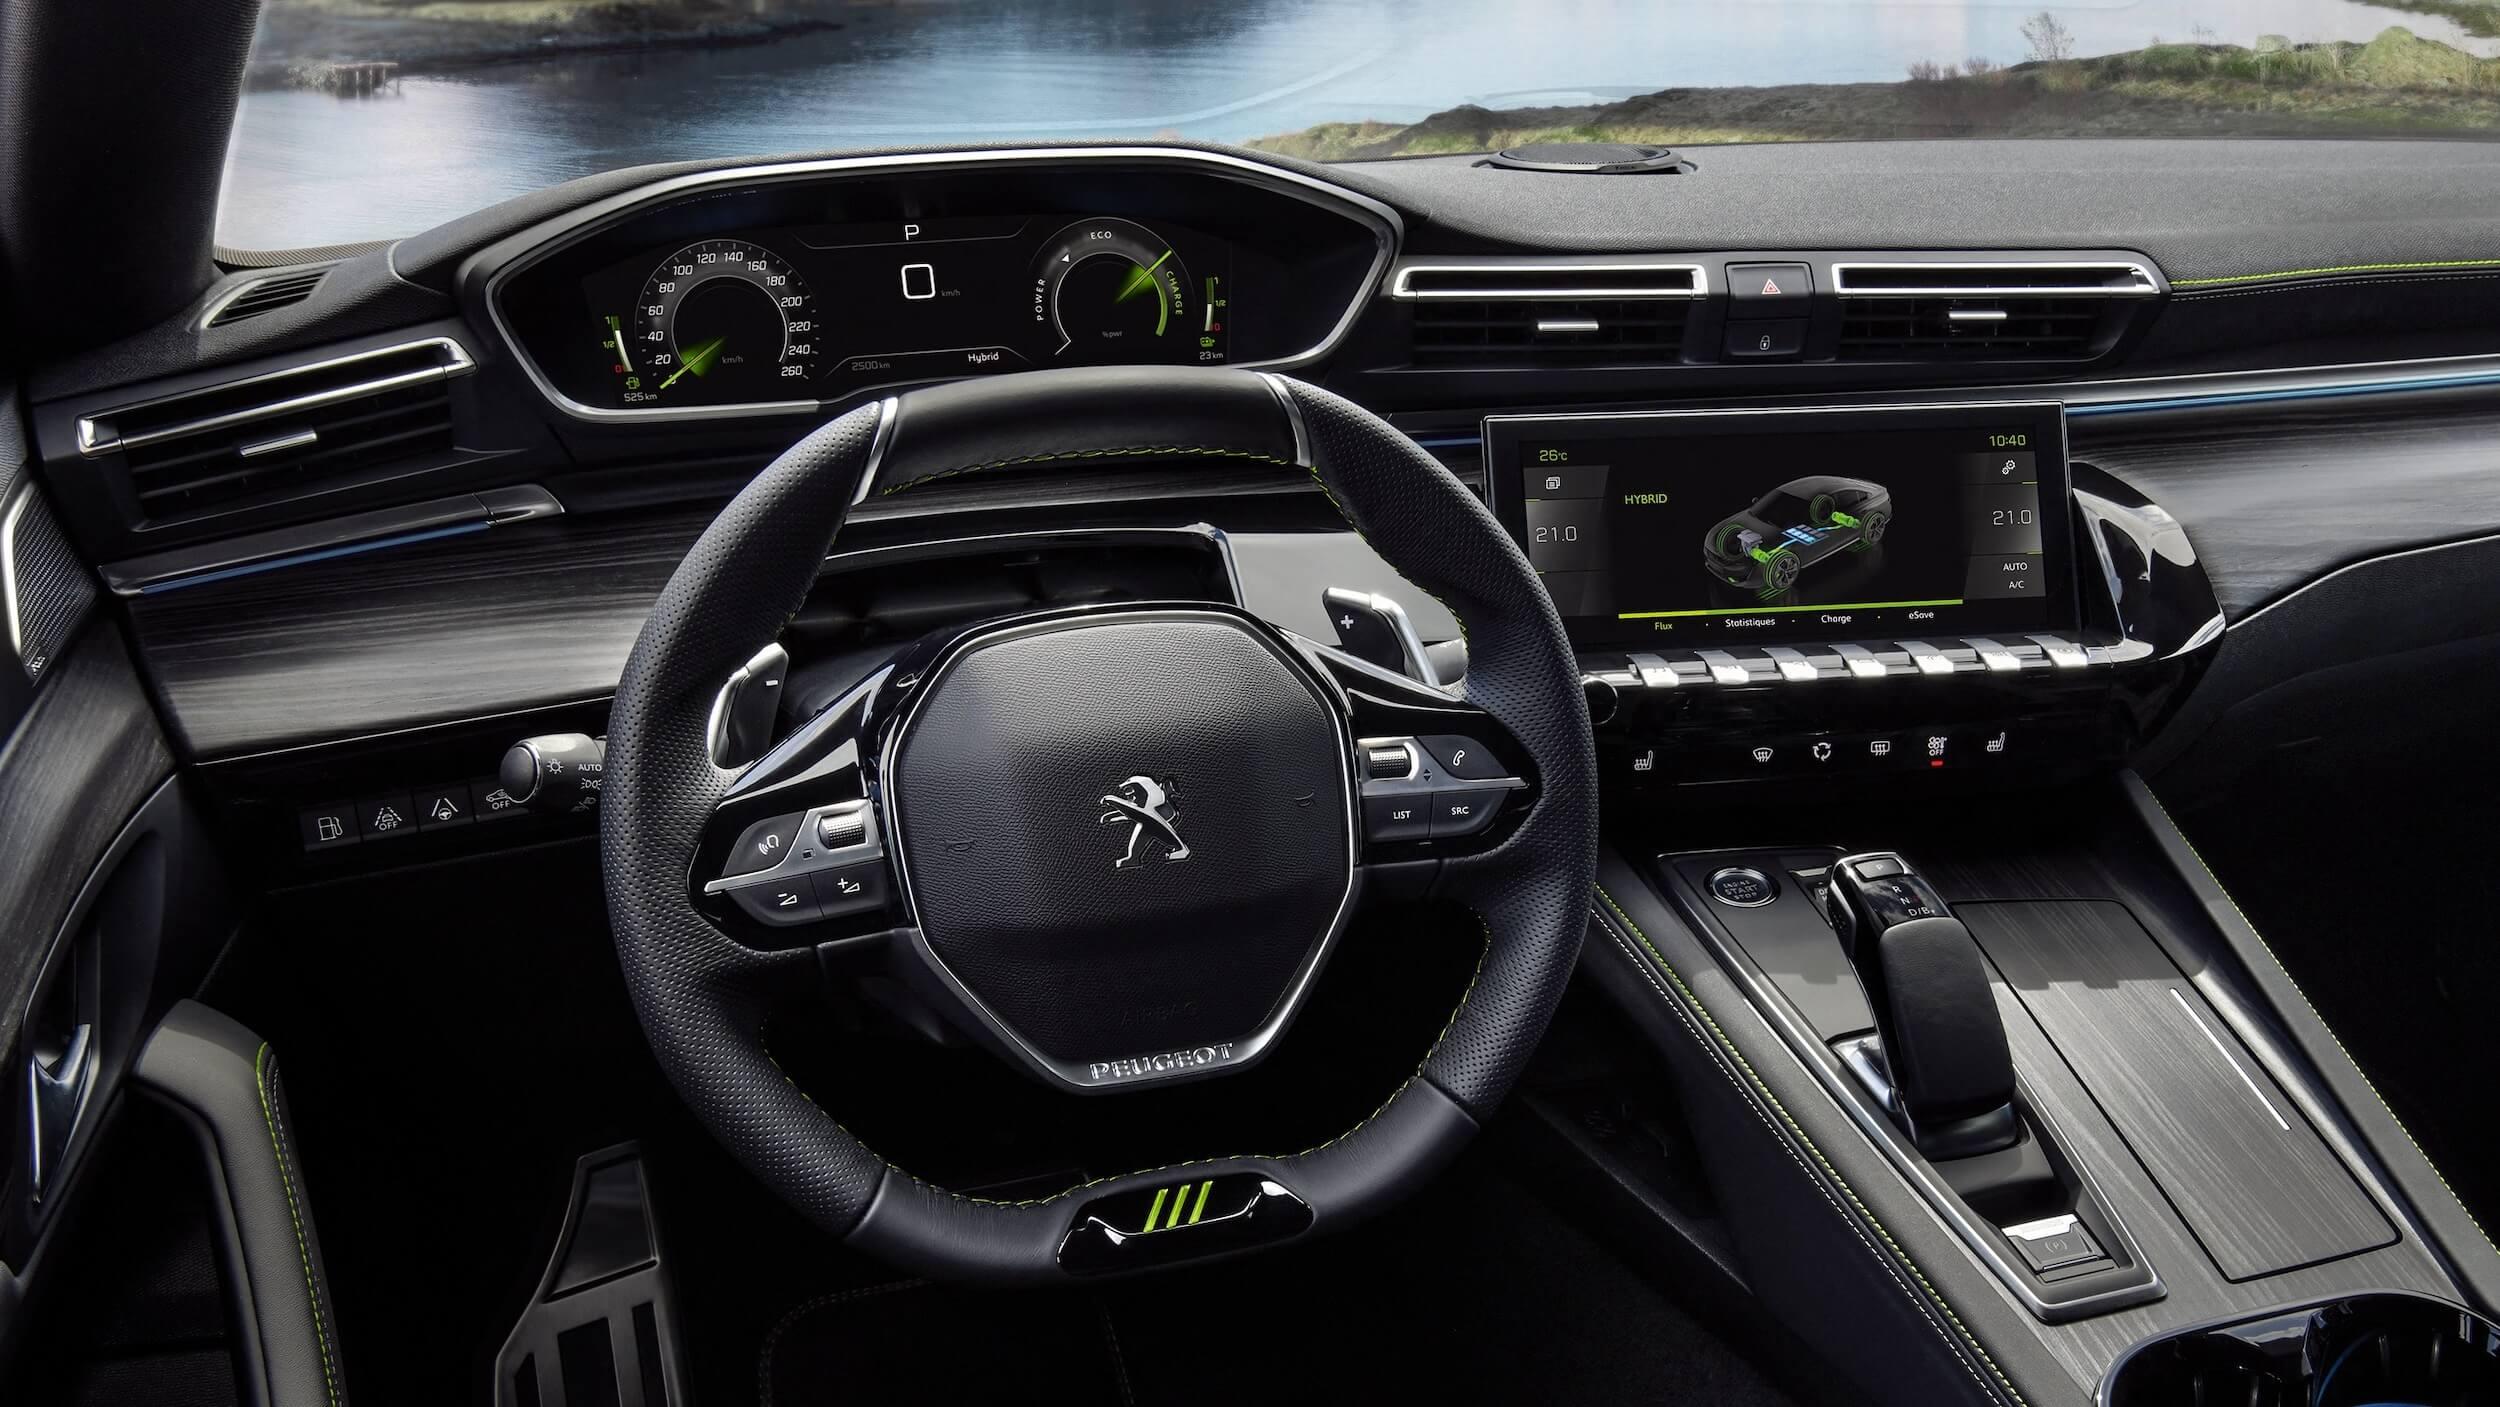 Peugeot 508 plug in hybrid sedan